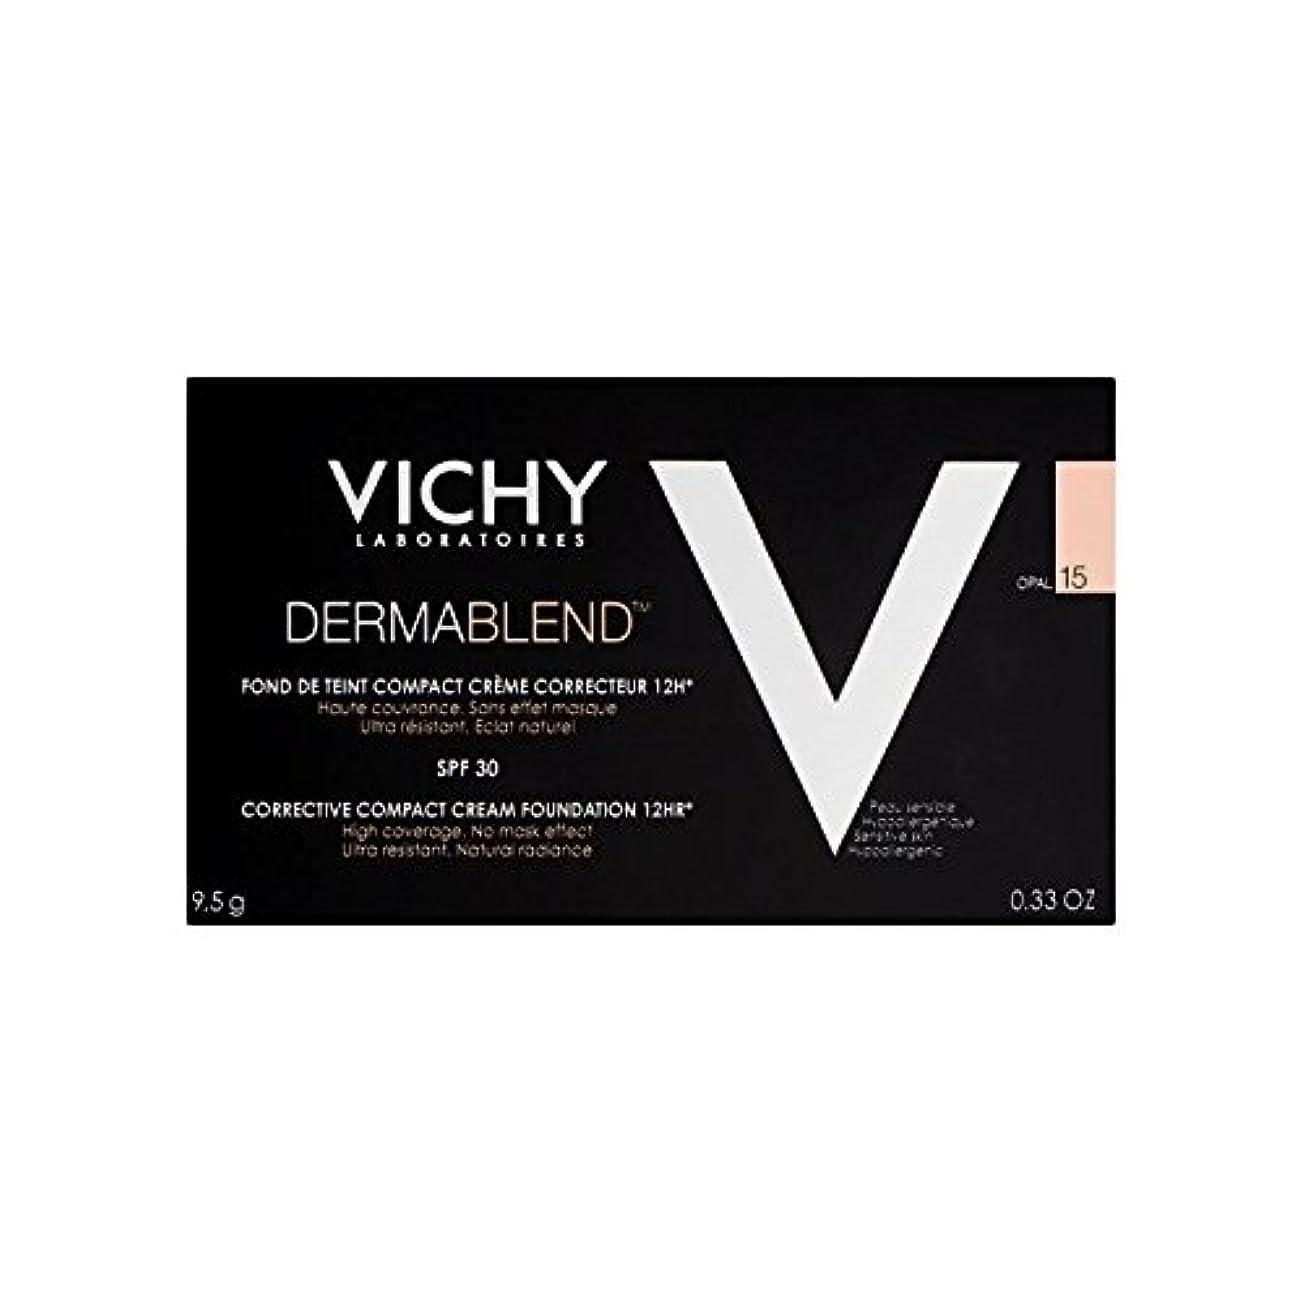 の慈悲でええ玉ねぎVichy Dermablend Corrective Compact Cream Foundation Opal 15 (Pack of 6) - ヴィシー是正コンパクトクリームファンデーションオパール15 x6 [並行輸入品]